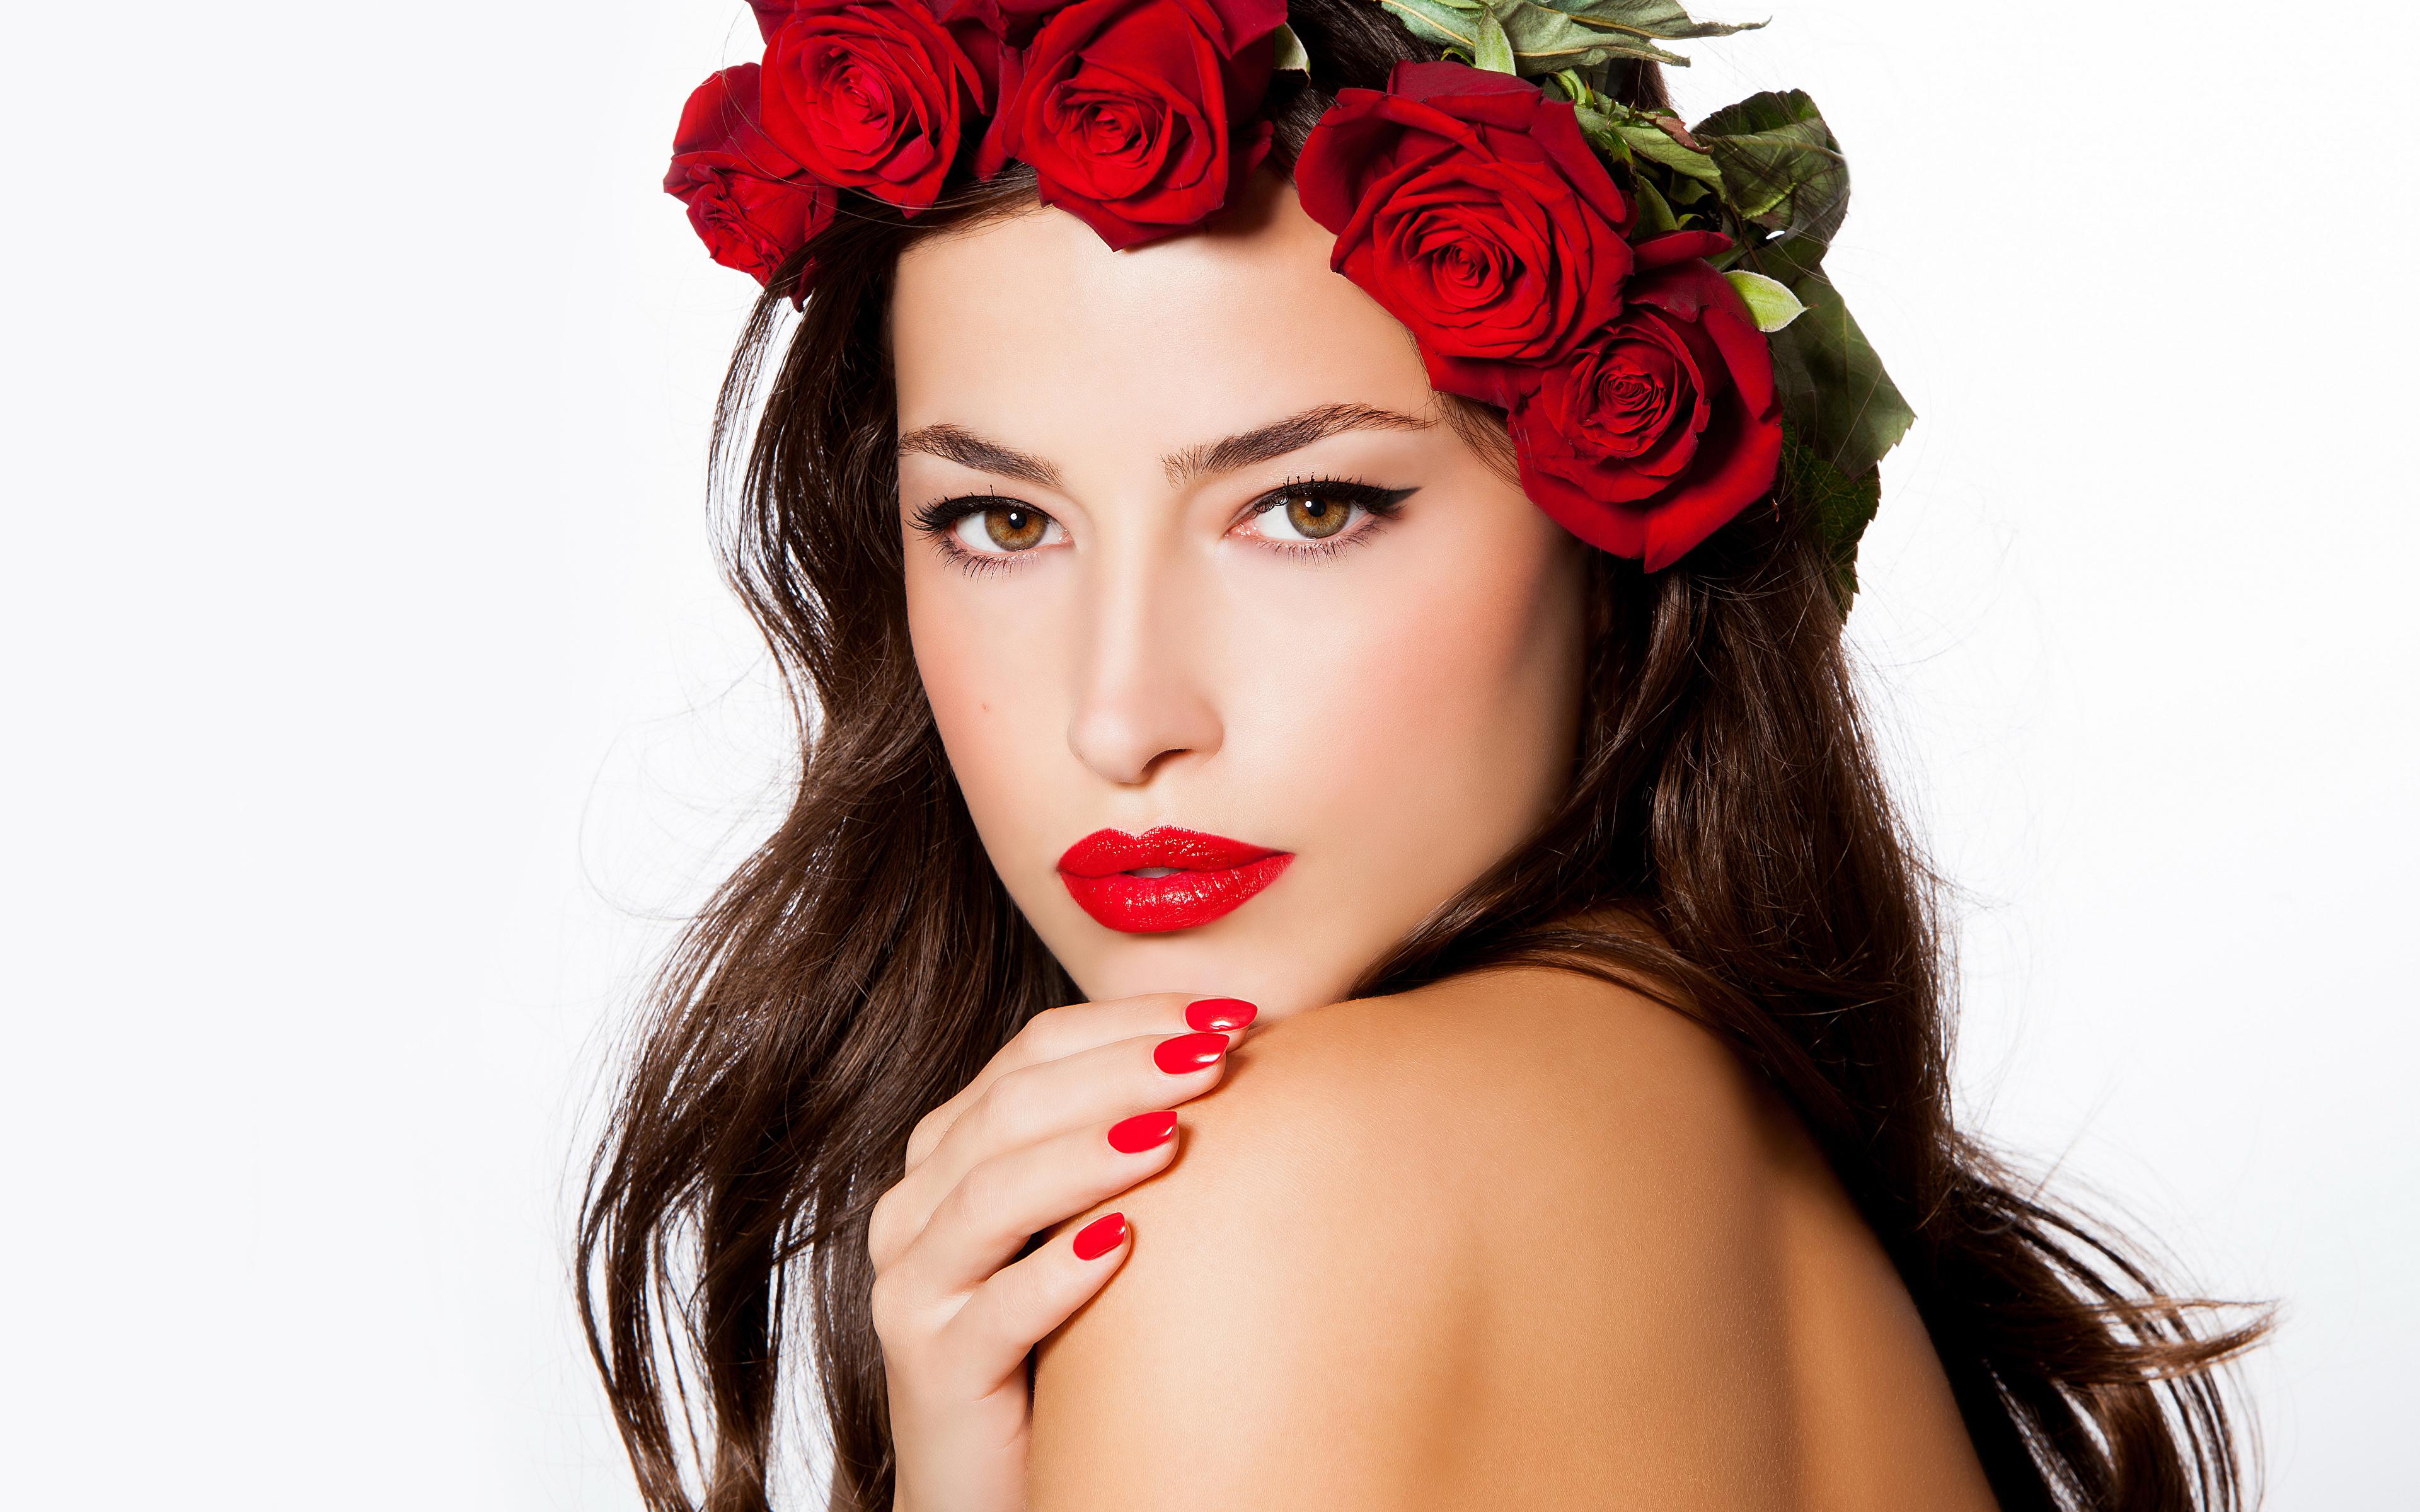 Fonds D Ecran 3840x2400 Roses Fond Blanc Aux Cheveux Bruns Visage